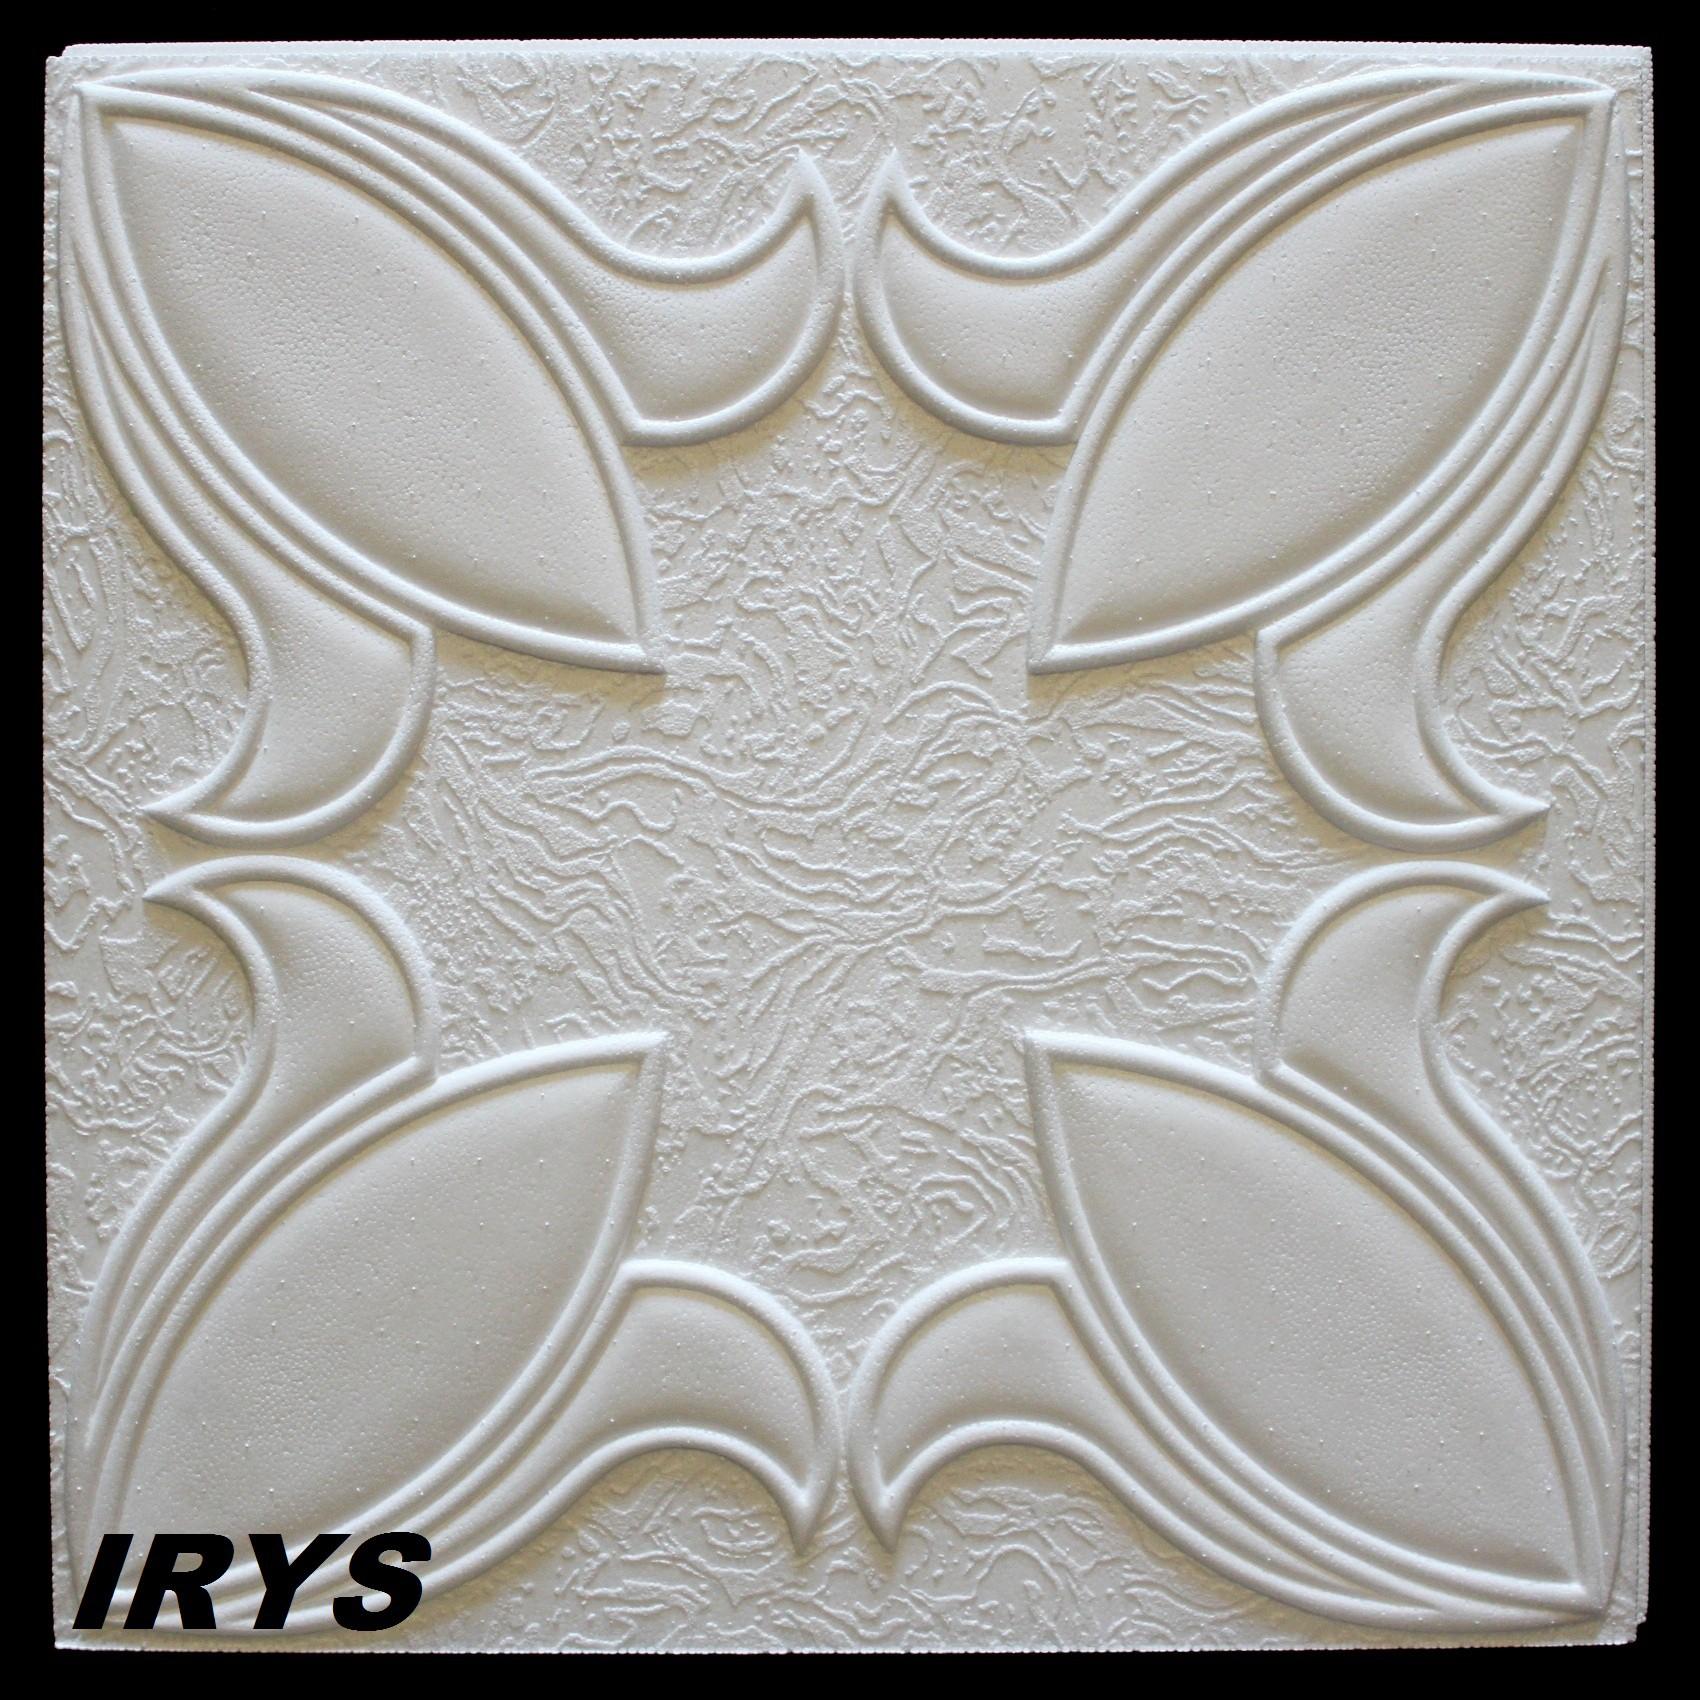 1 M2 Deckenplatten Styroporplatten Stuck Decke Dekor Platten 50x50cm, IRYS